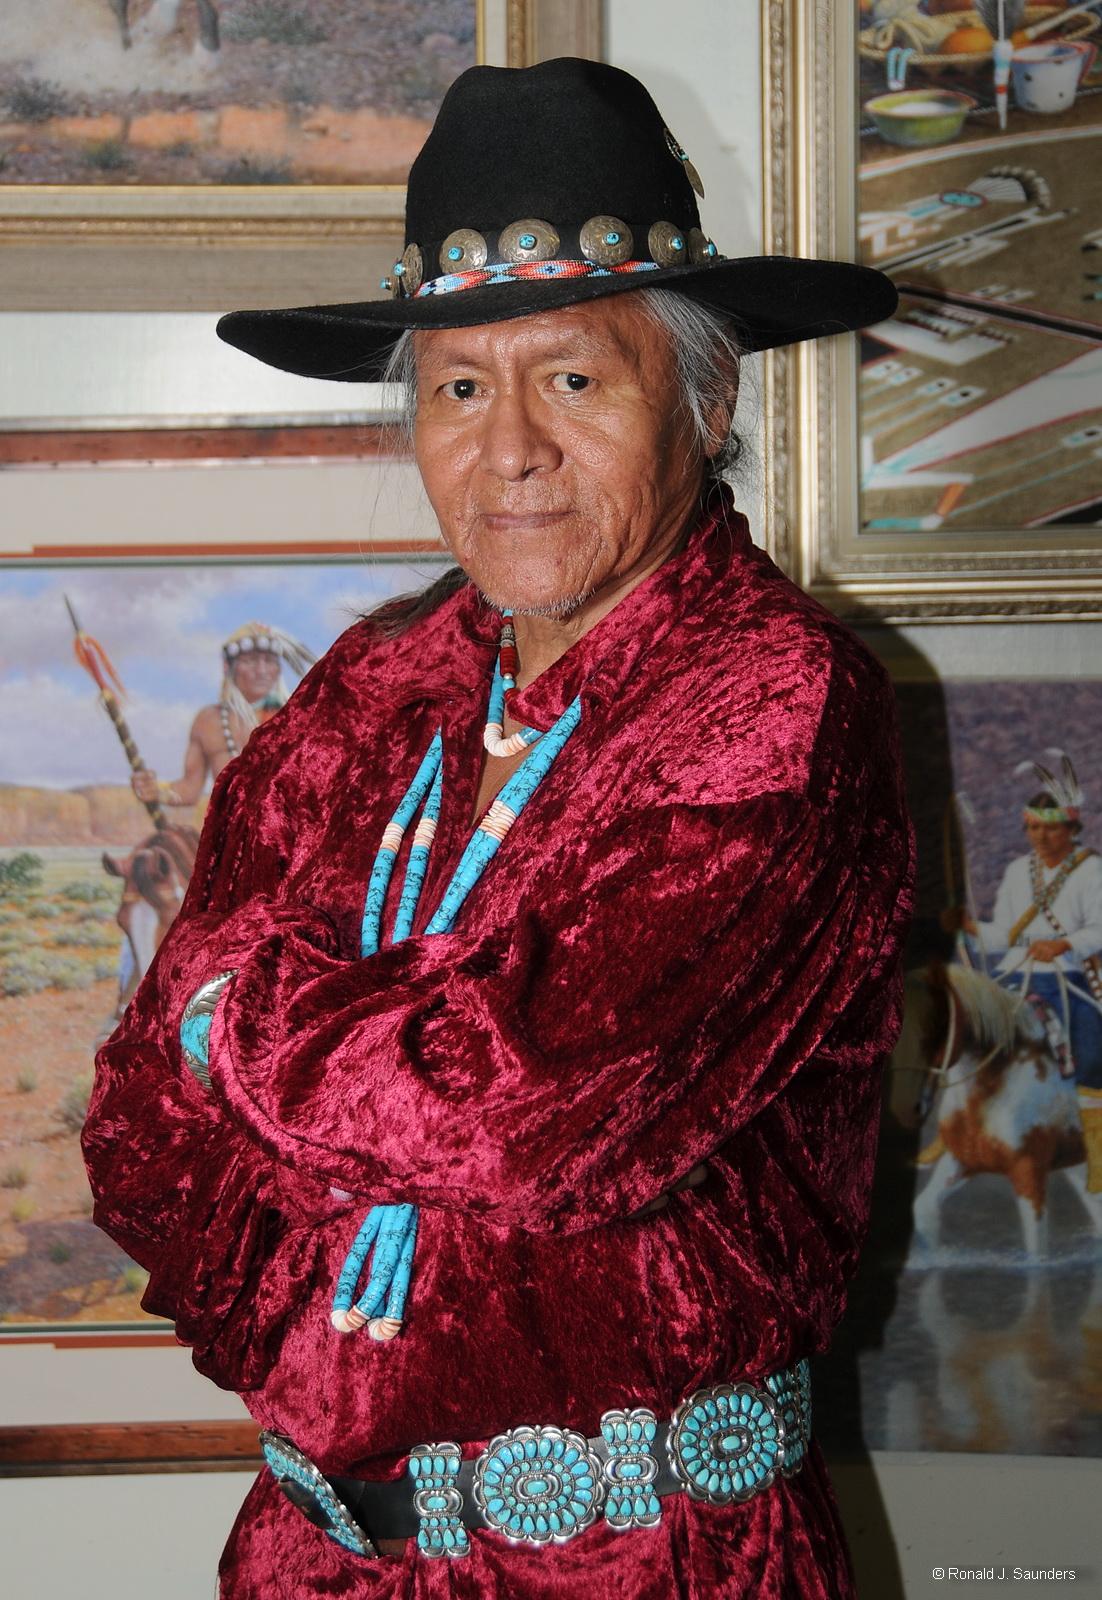 jimmy, abeita, navao, artist, painter, window, rock, arizona, photo